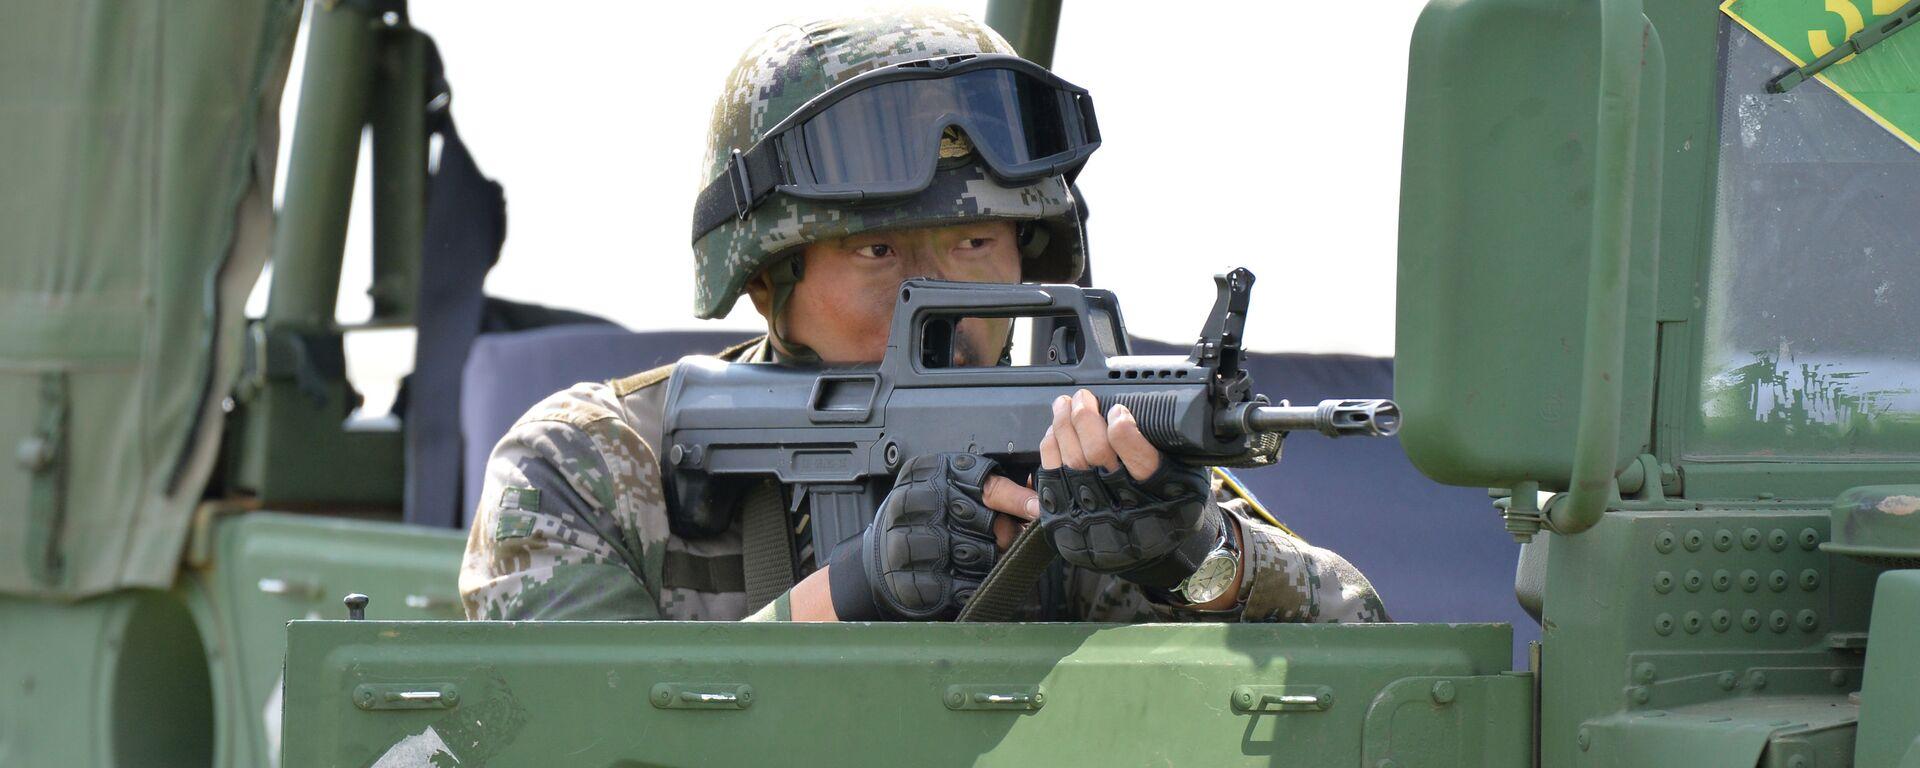 Một quân nhân của CHND Trung Hoa tham gia cuộc tập trận chung chống khủng bố Sứ mệnh Hòa bình 2018 của lực lượng vũ trang các quốc gia thành viên SCO tại khu huấn luyện Chebarkul - Sputnik Việt Nam, 1920, 10.08.2021